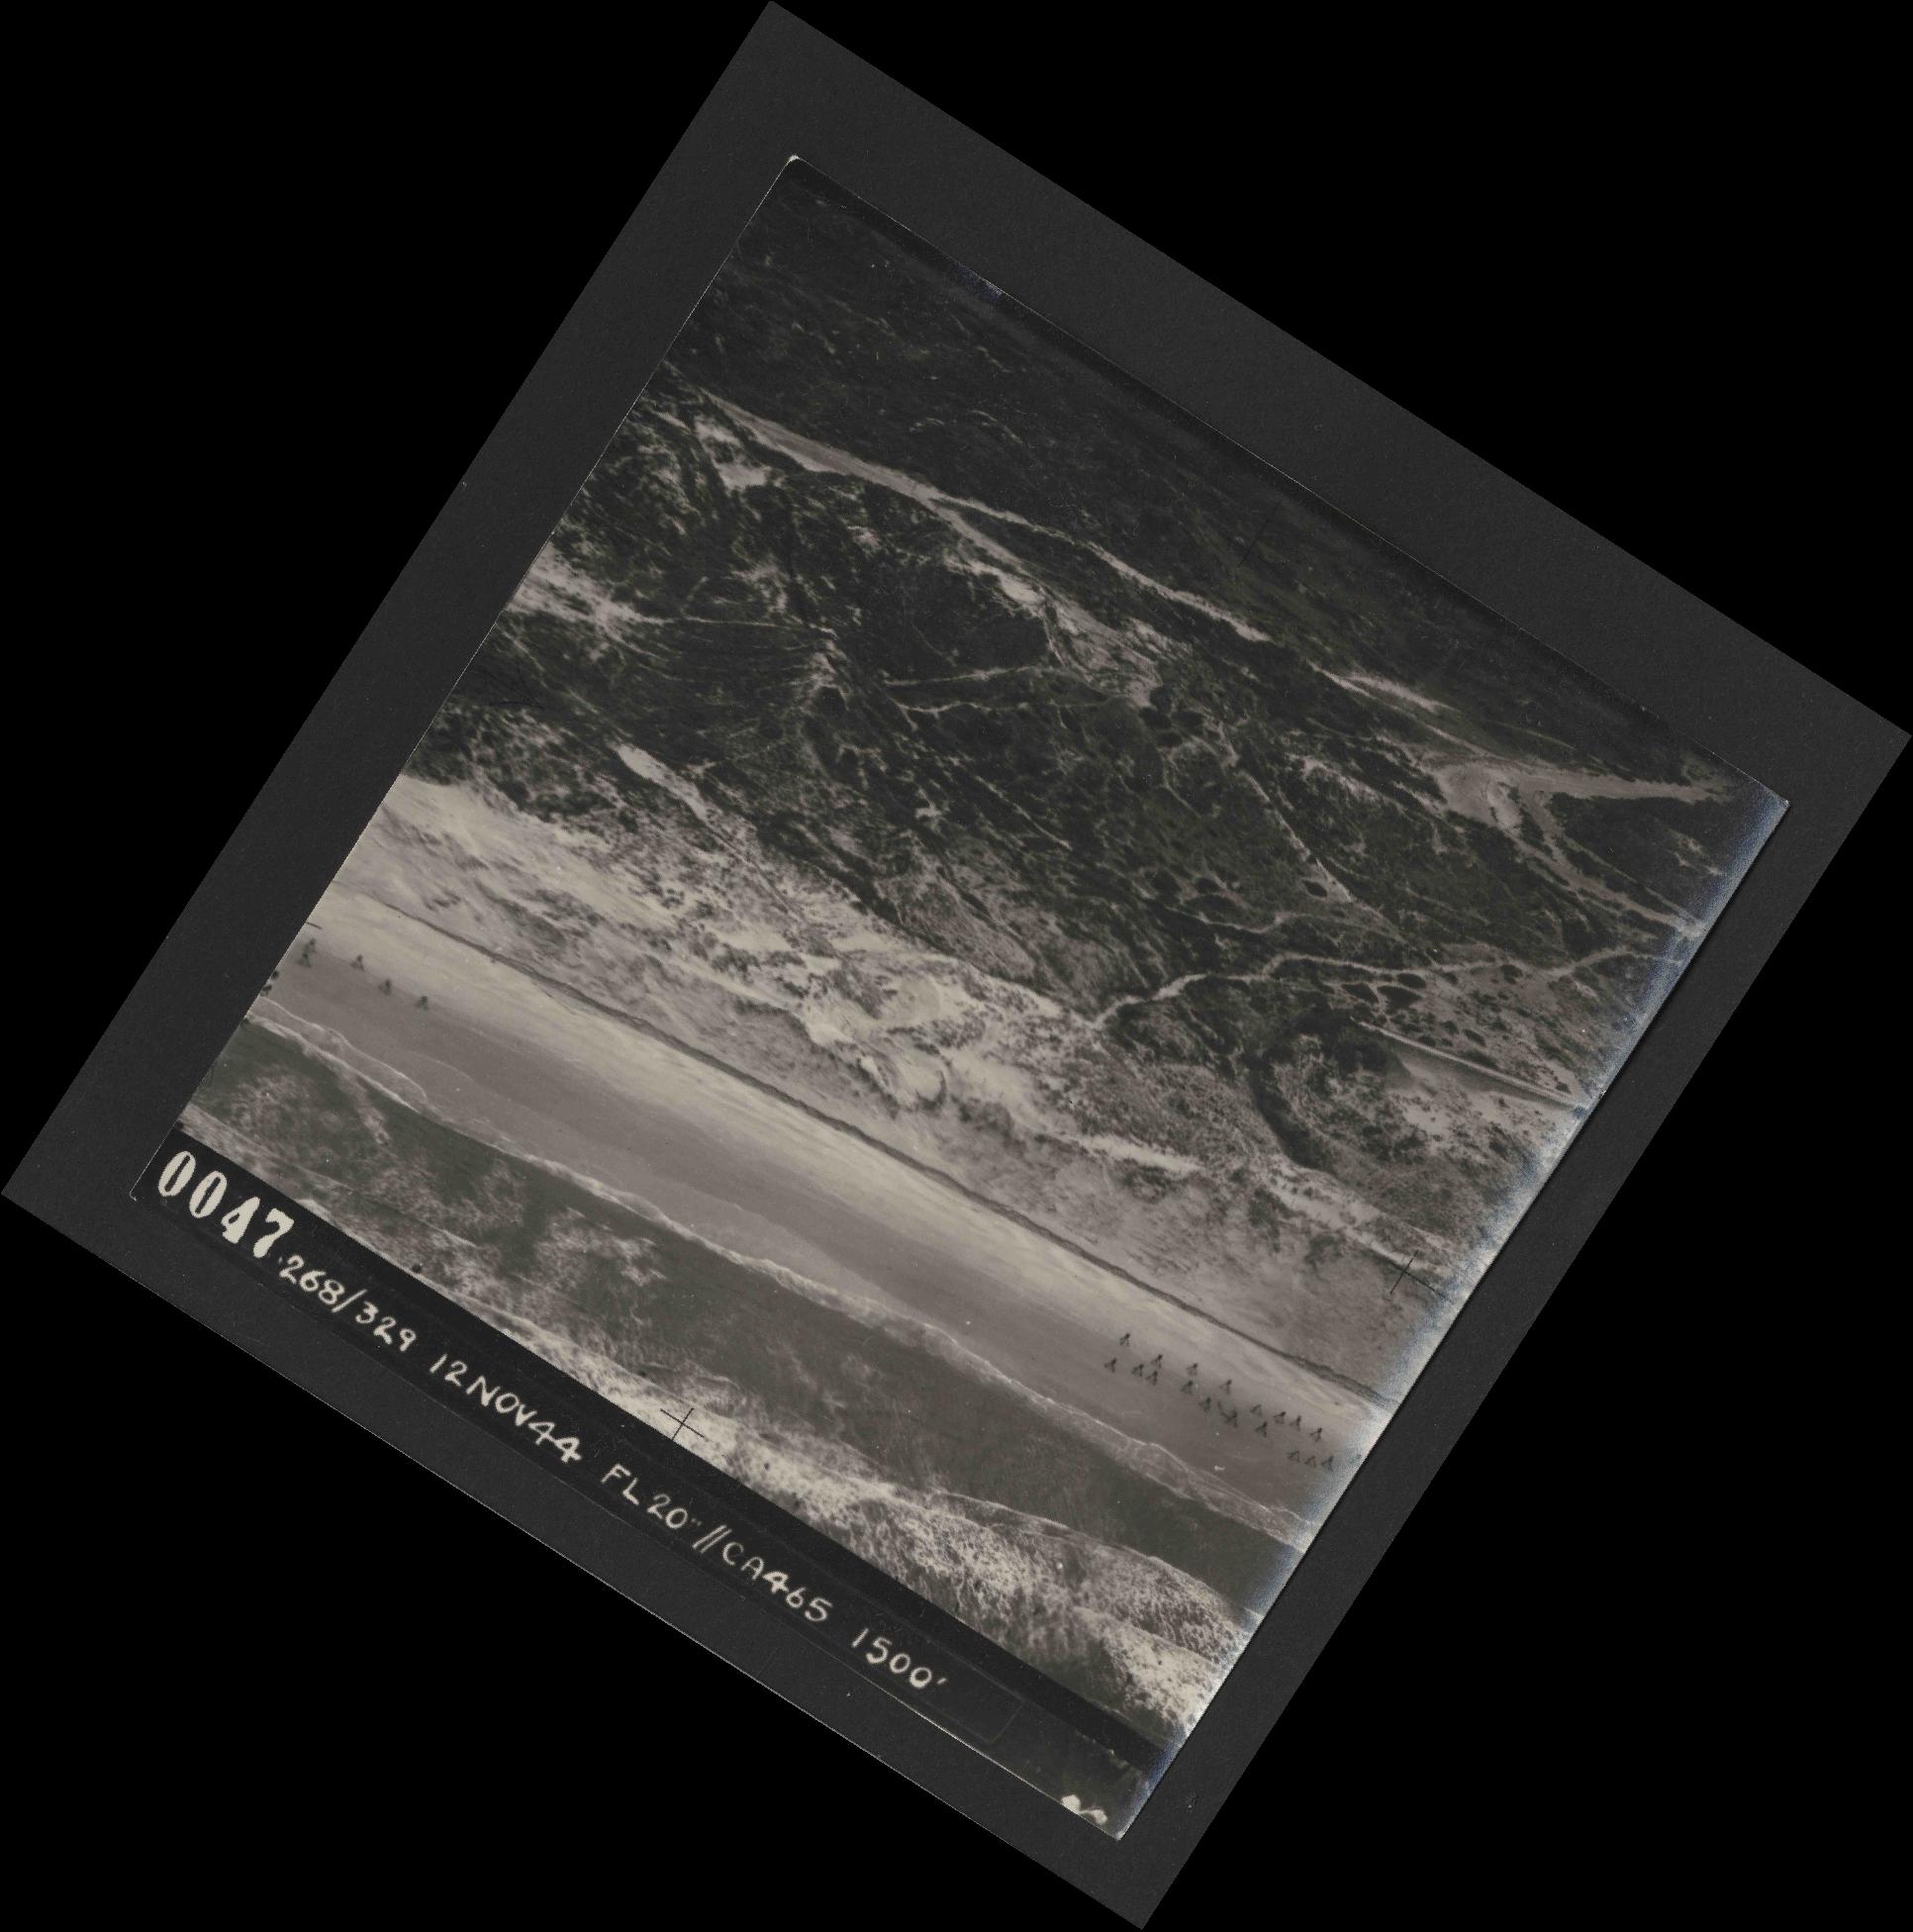 Collection RAF aerial photos 1940-1945 - flight 553, run 01, photo 0047